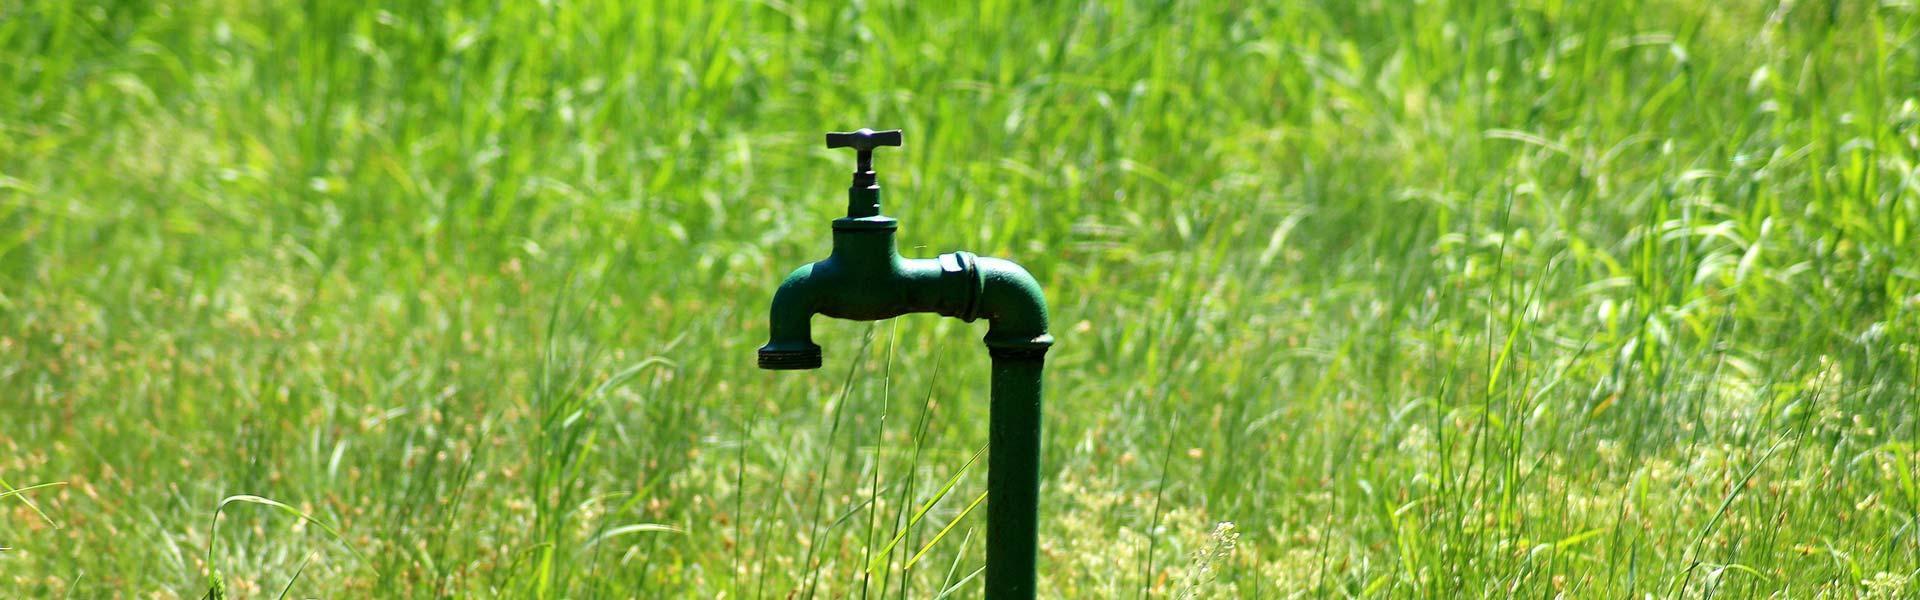 fugas de agua jardin